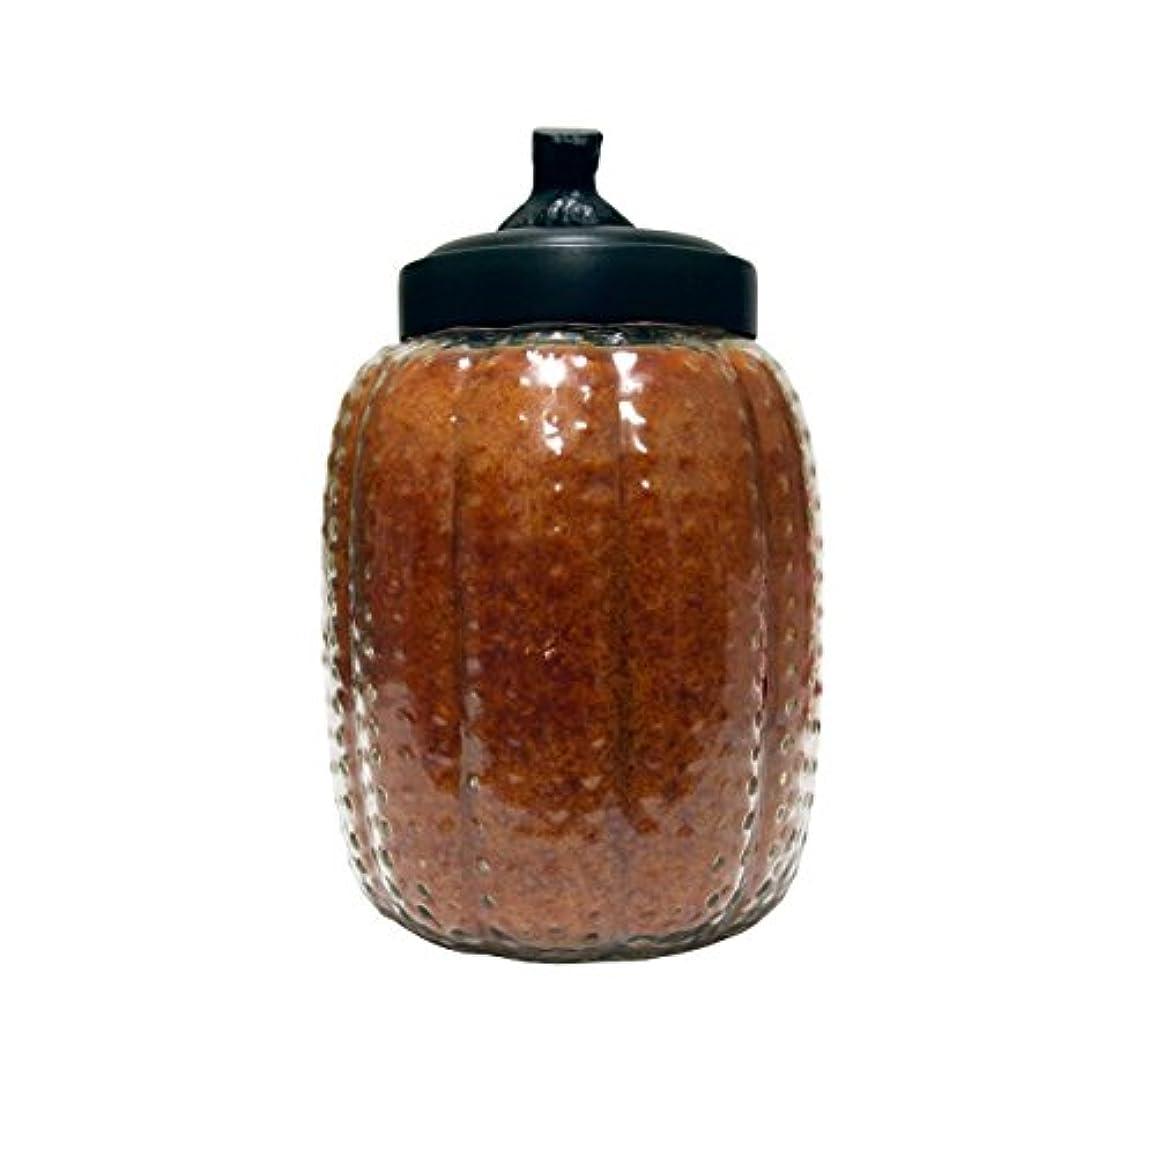 引き出しパンチばかげたA Cheerful Giver Autumn Orchards Pumpkin Jar Candle, 26-Ounce by Cheerful Giver [並行輸入品]